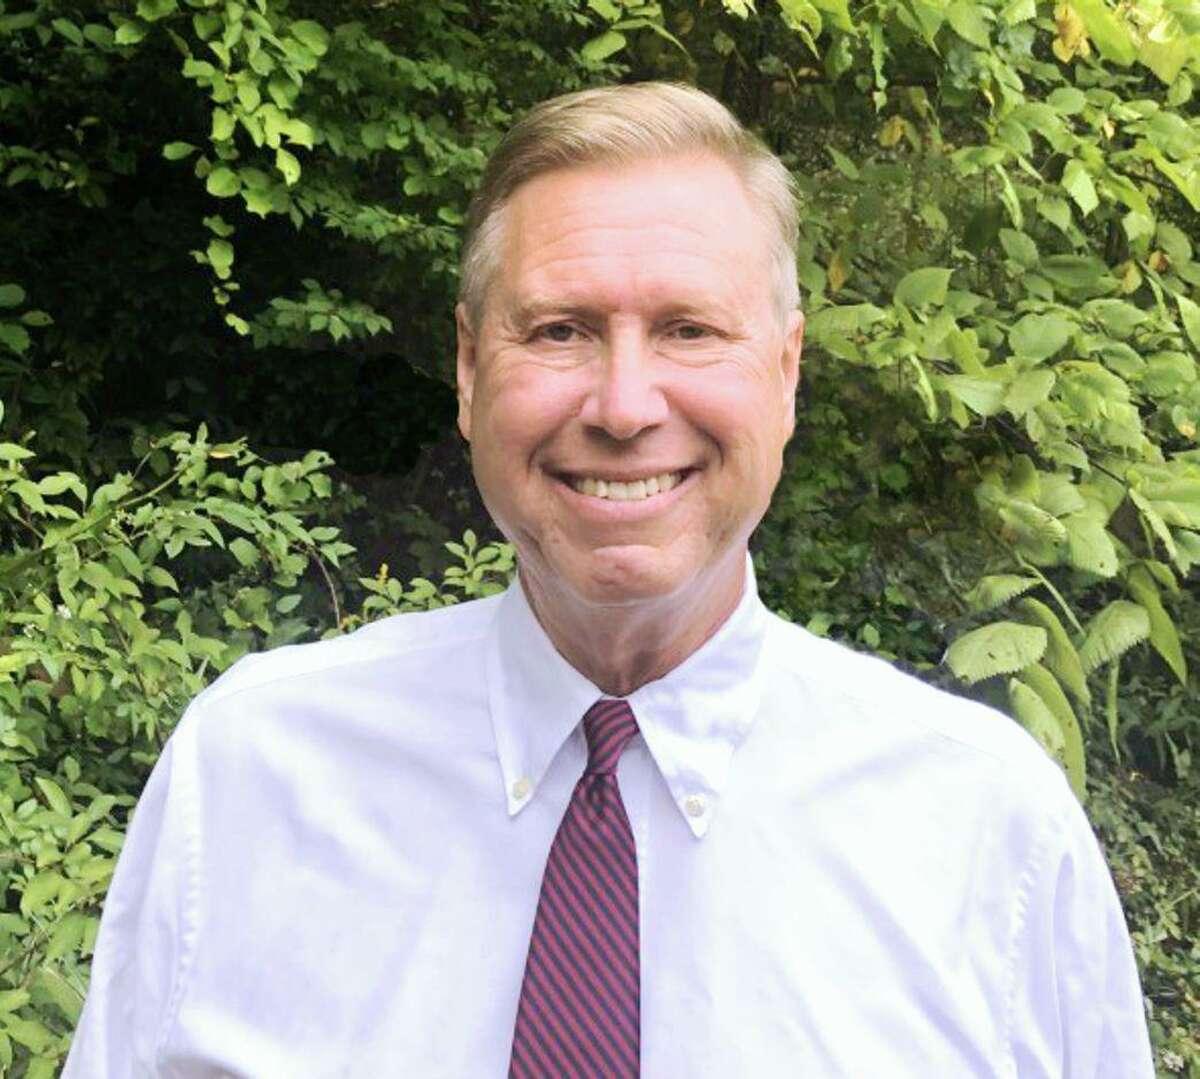 Roxbury First Selectman candidate Bruce Tuomala